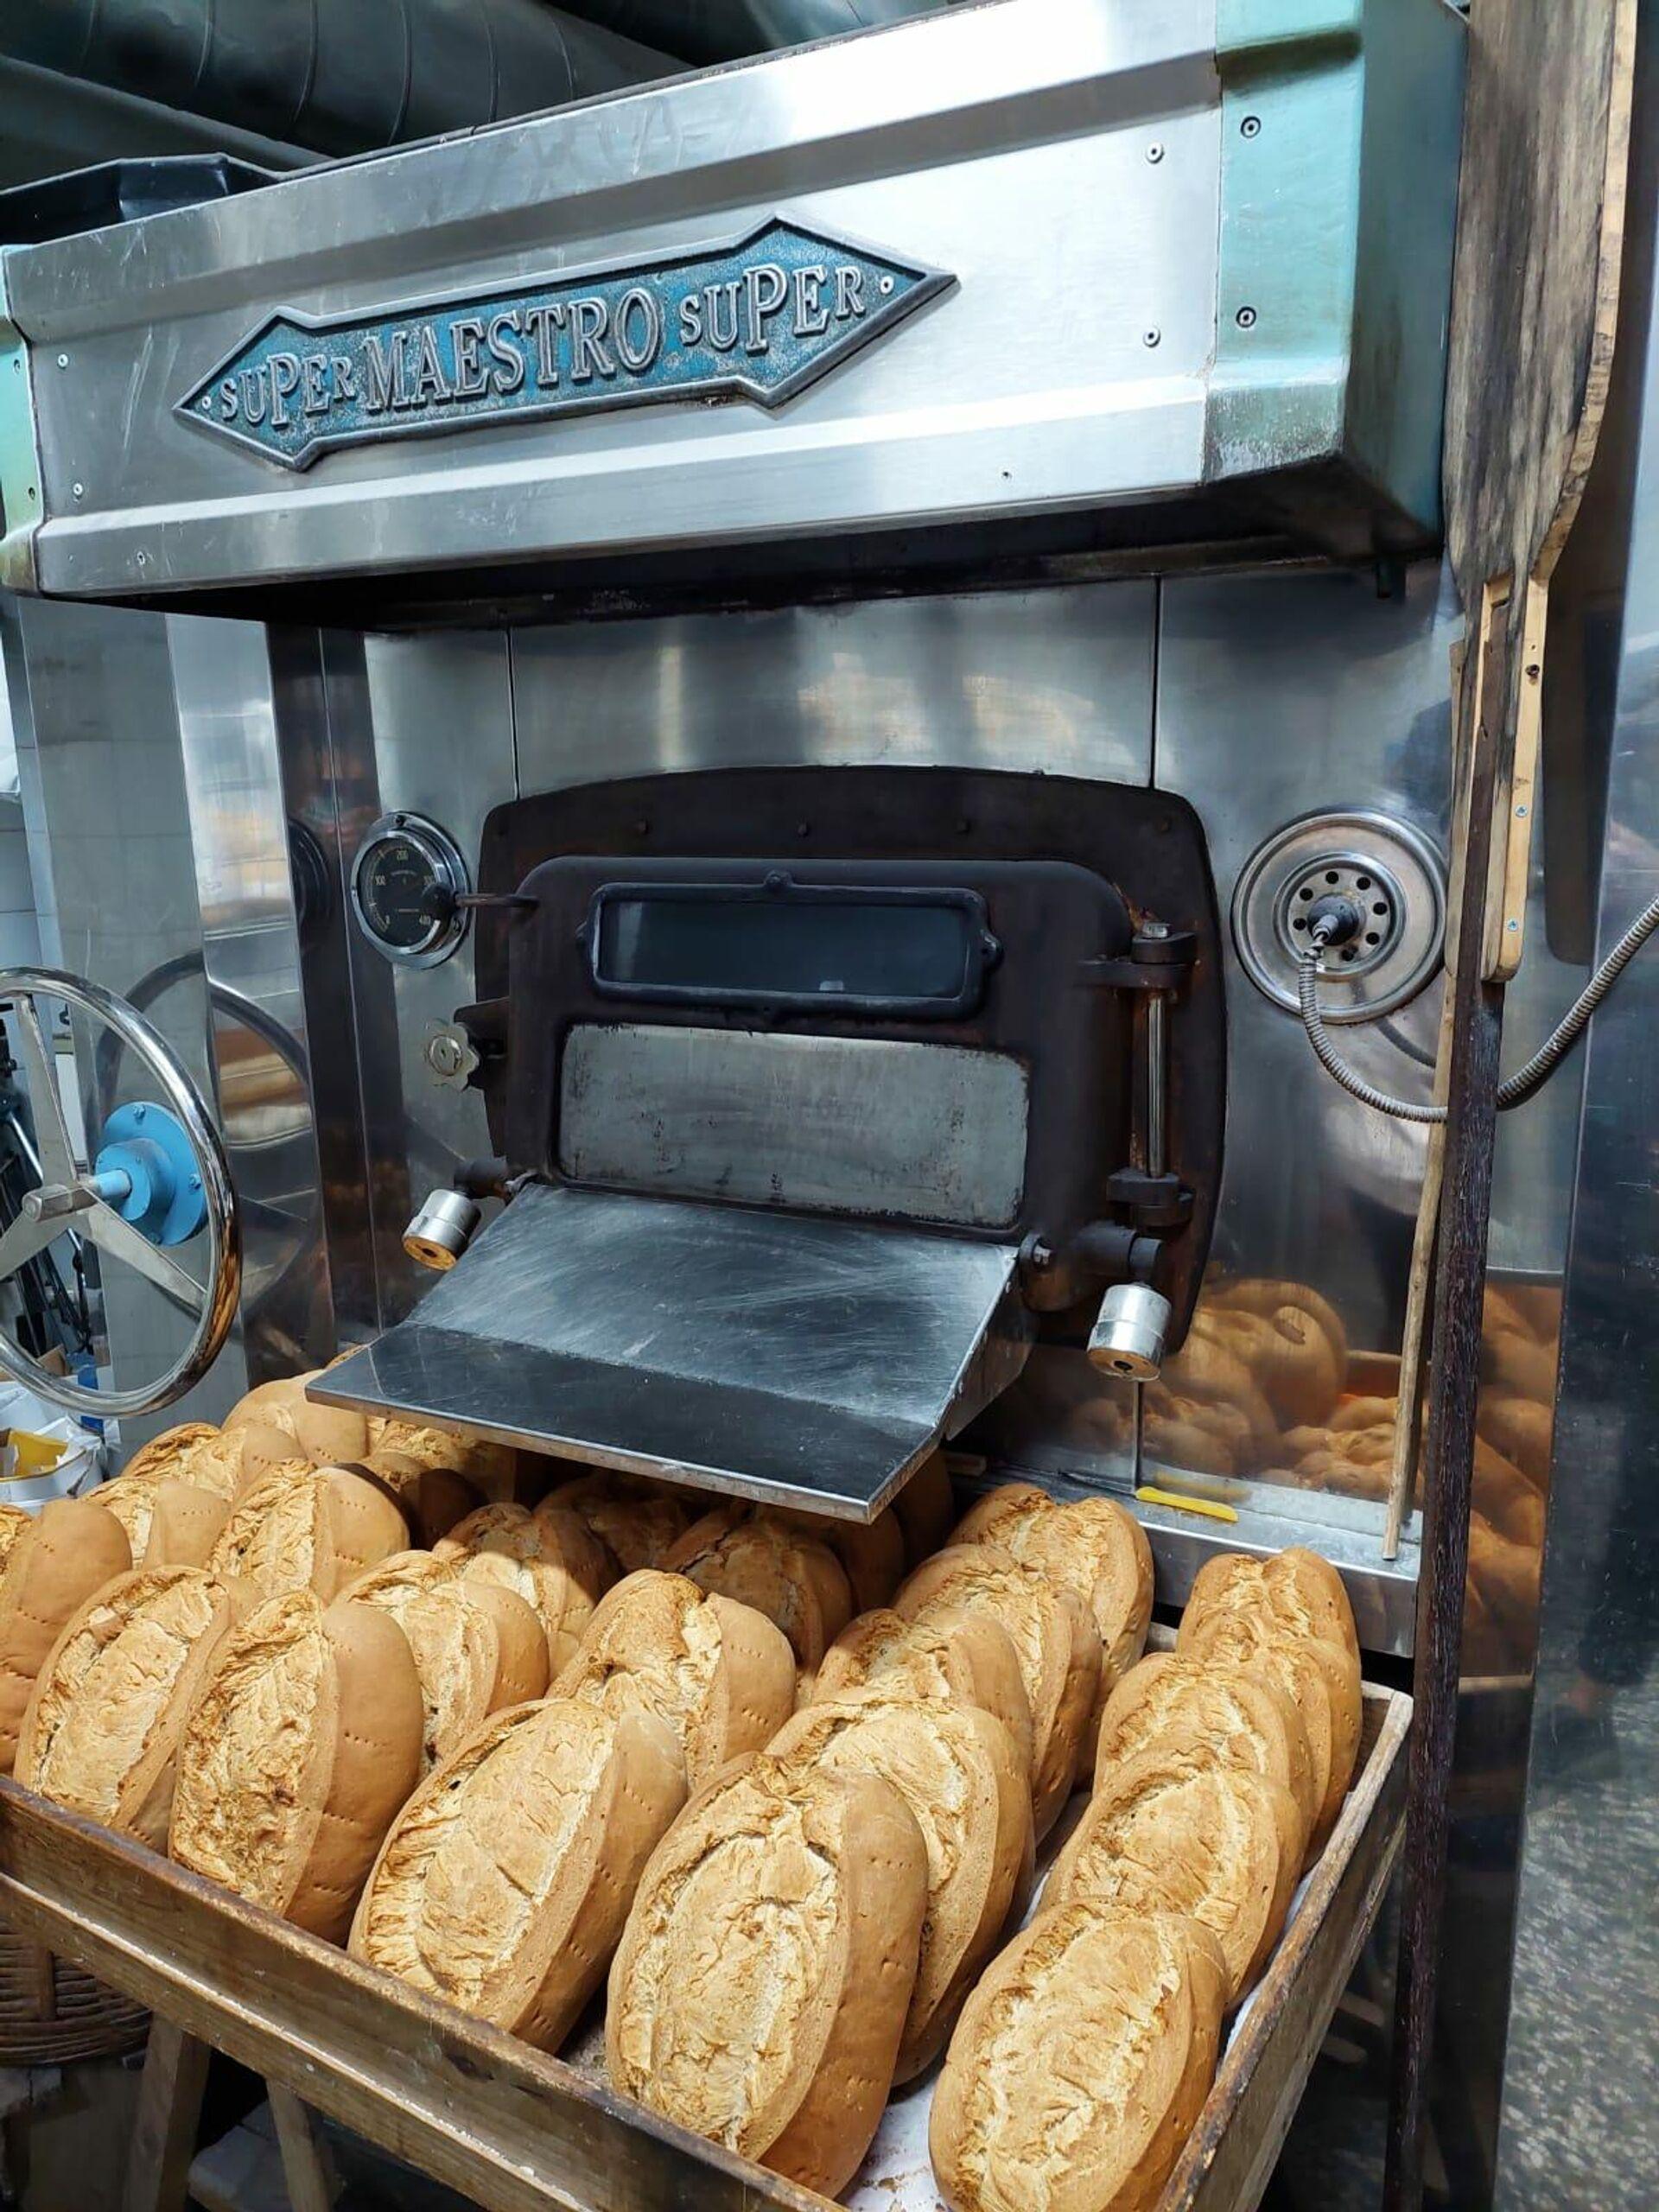 Los precios del pan van desde 1,05 euros hasta 10.750 euros - Sputnik Mundo, 1920, 27.05.2021